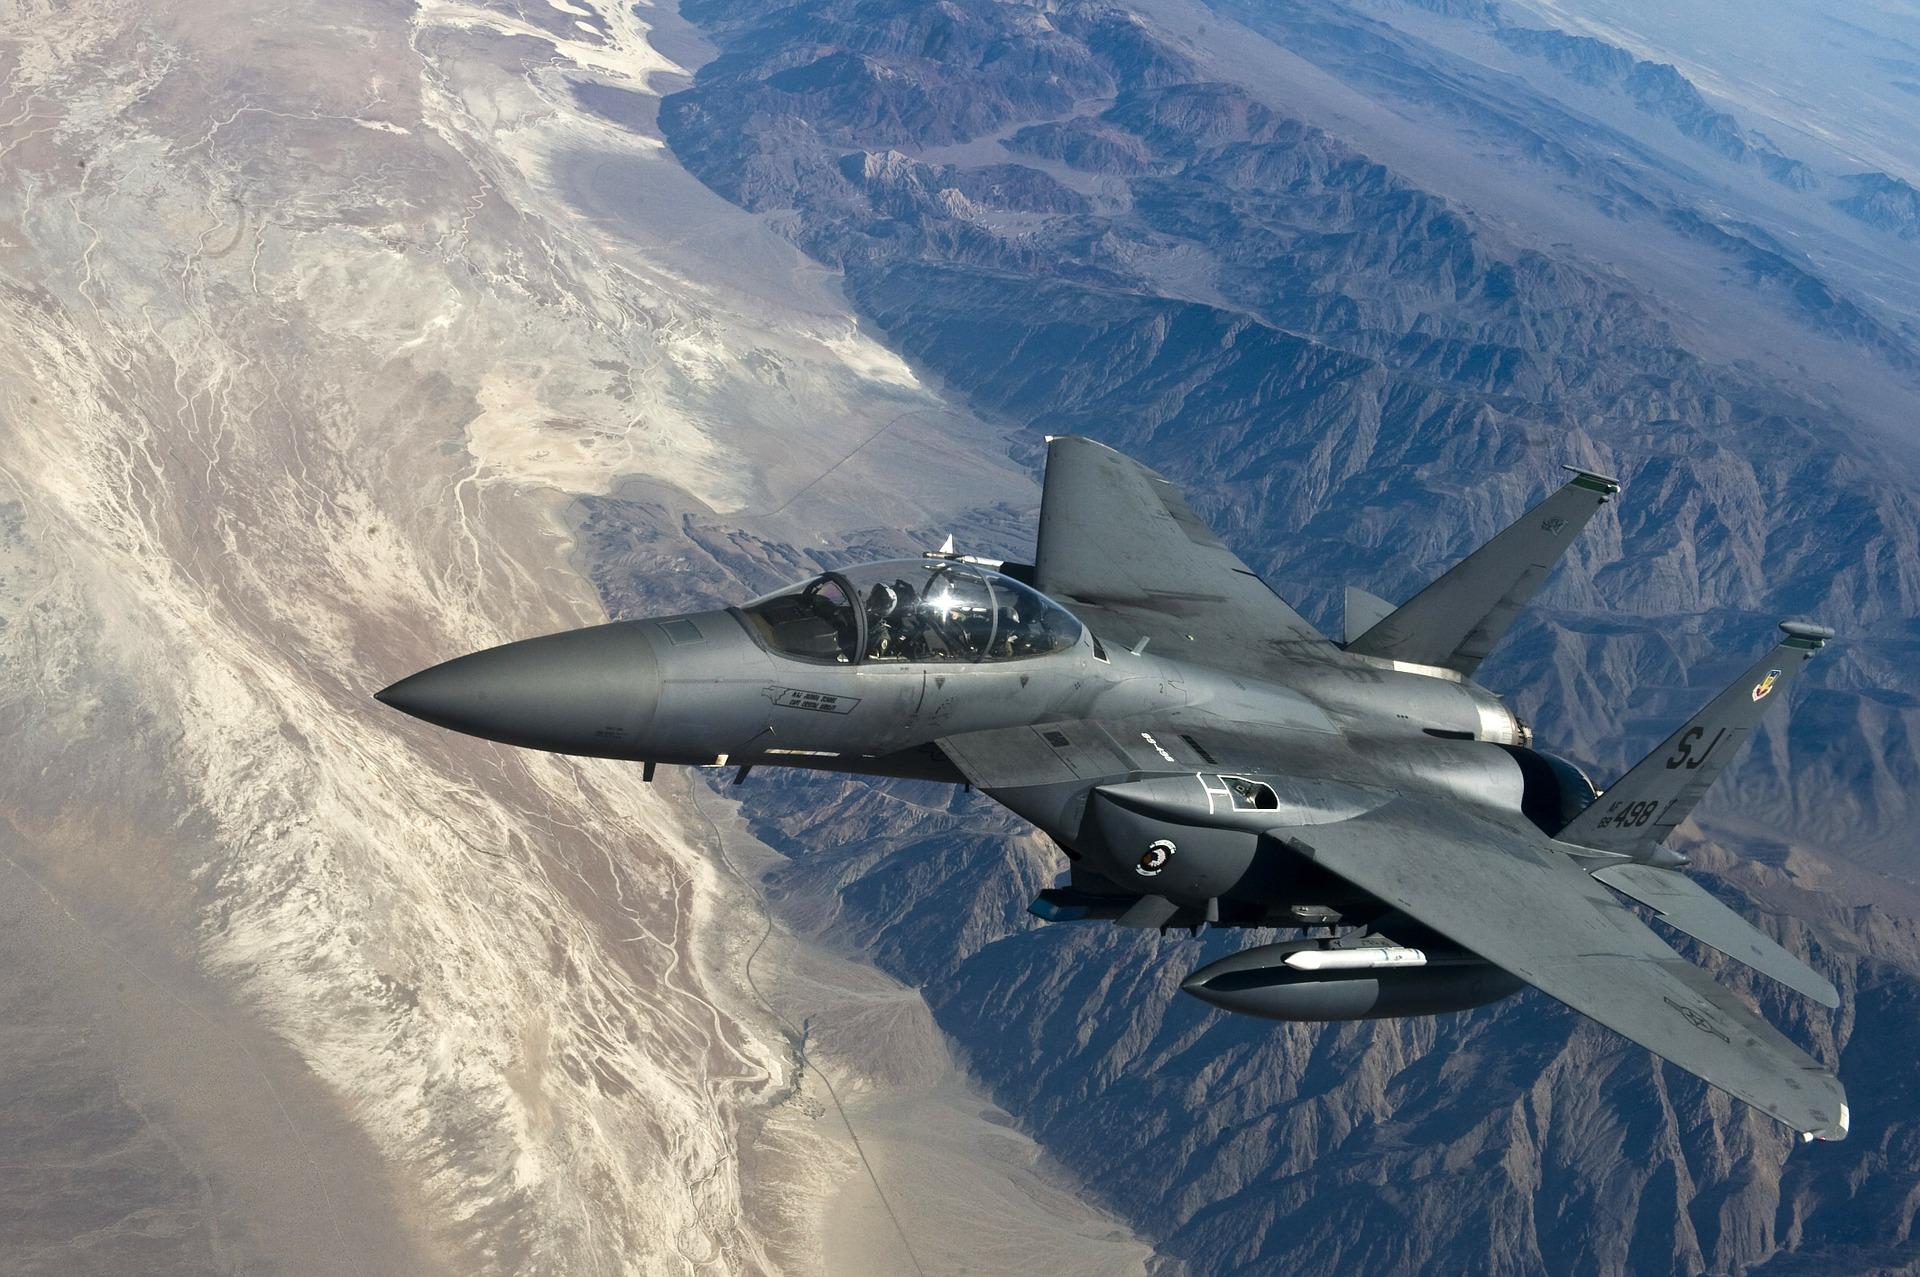 航空機, 狩猟, 爆撃機, 飛ぶ, パイロット, キャビン, 速度 - HD の壁紙 - 教授-falken.com